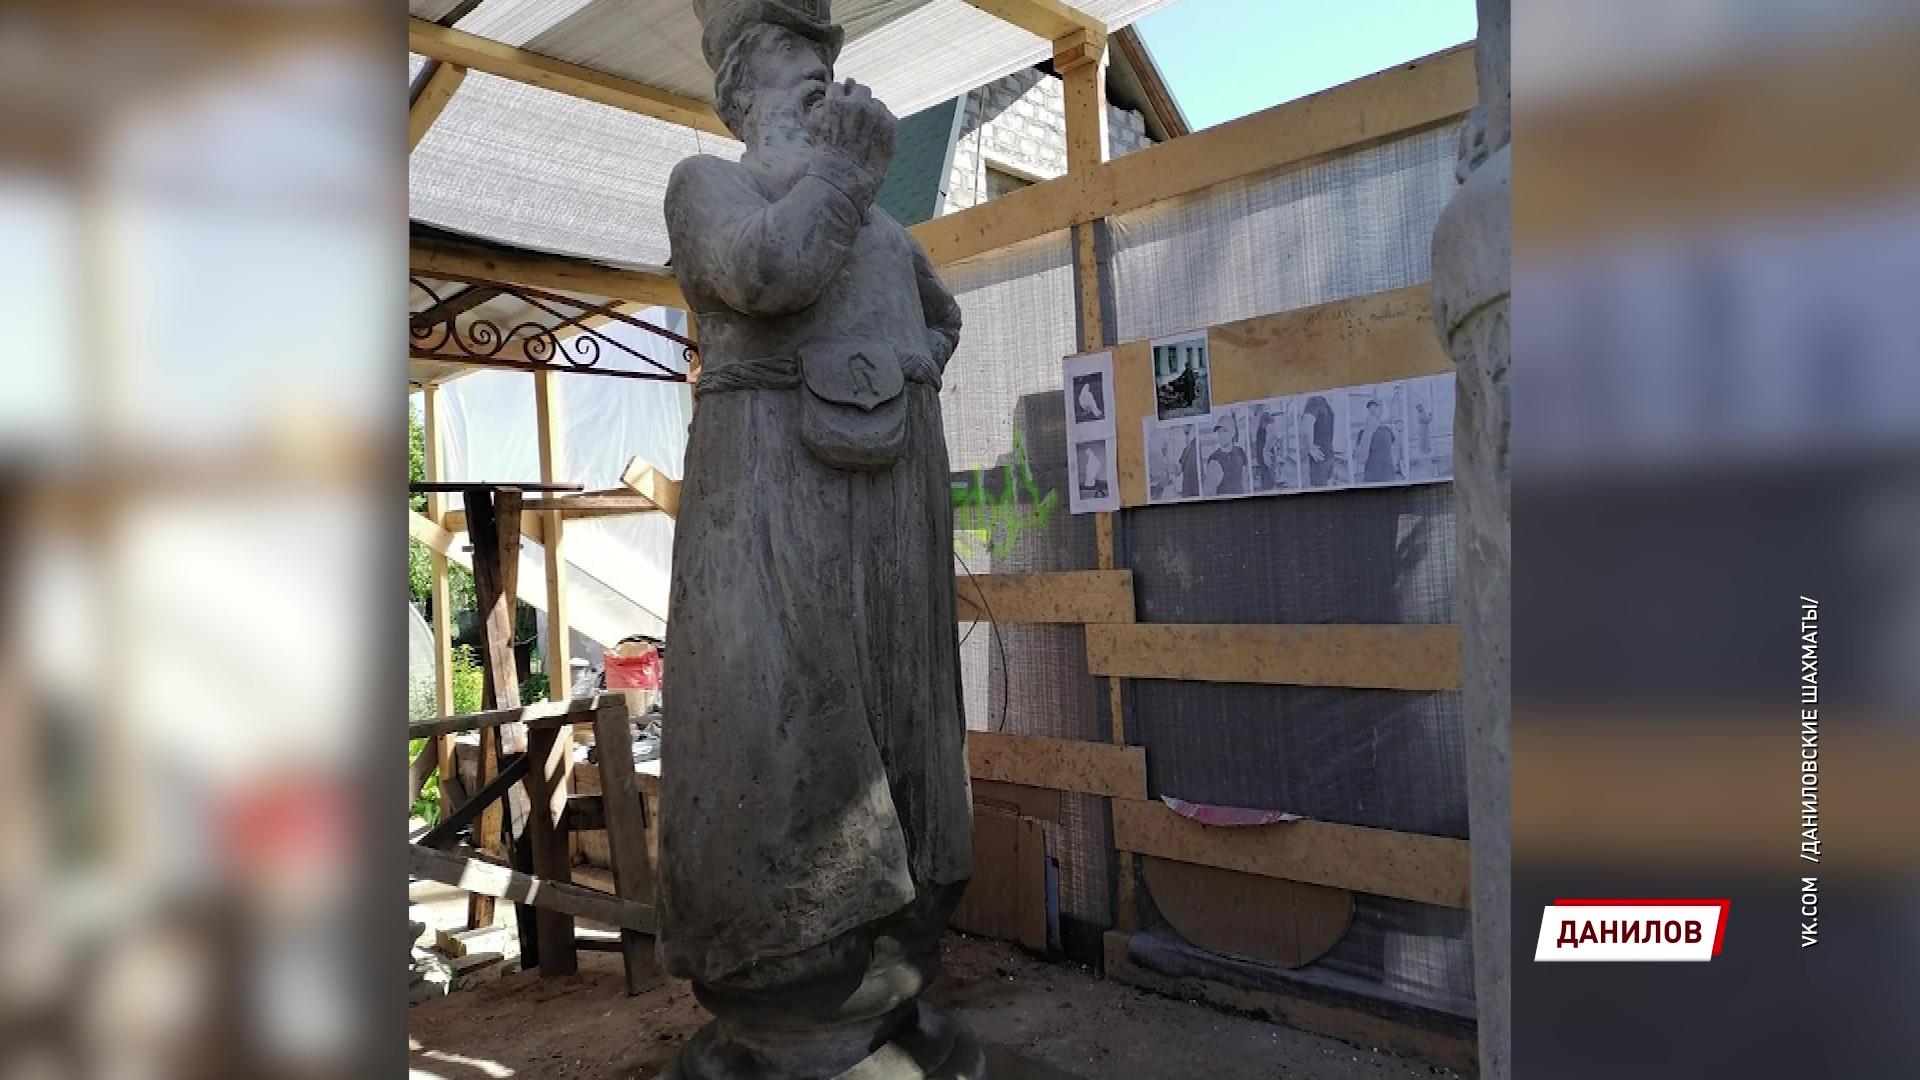 Центральный сквер Данилова украсят скульптуры-шахматы